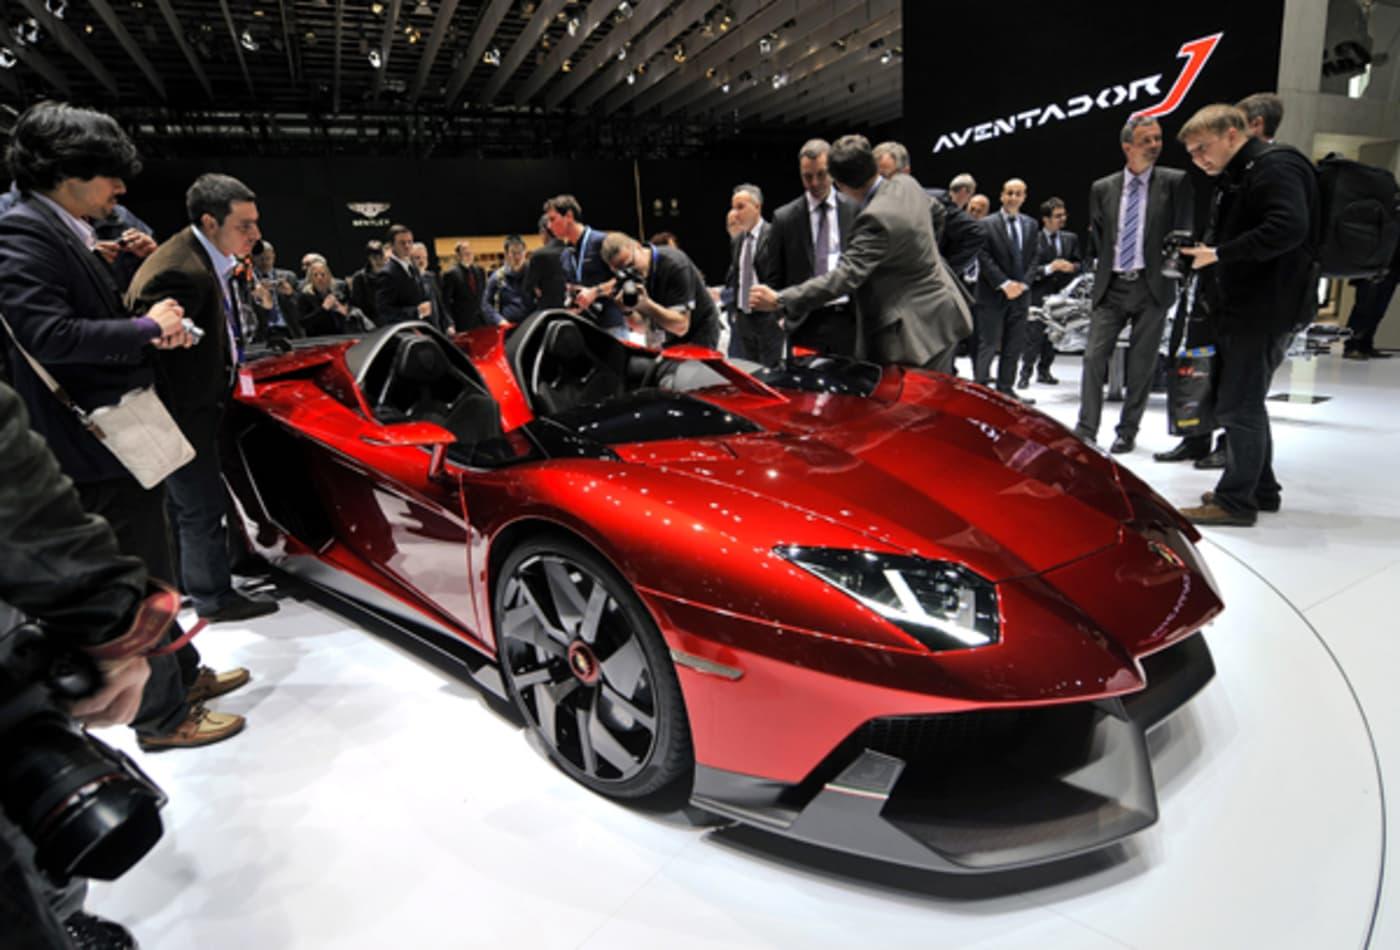 Lamborghini Avidor J.jpg